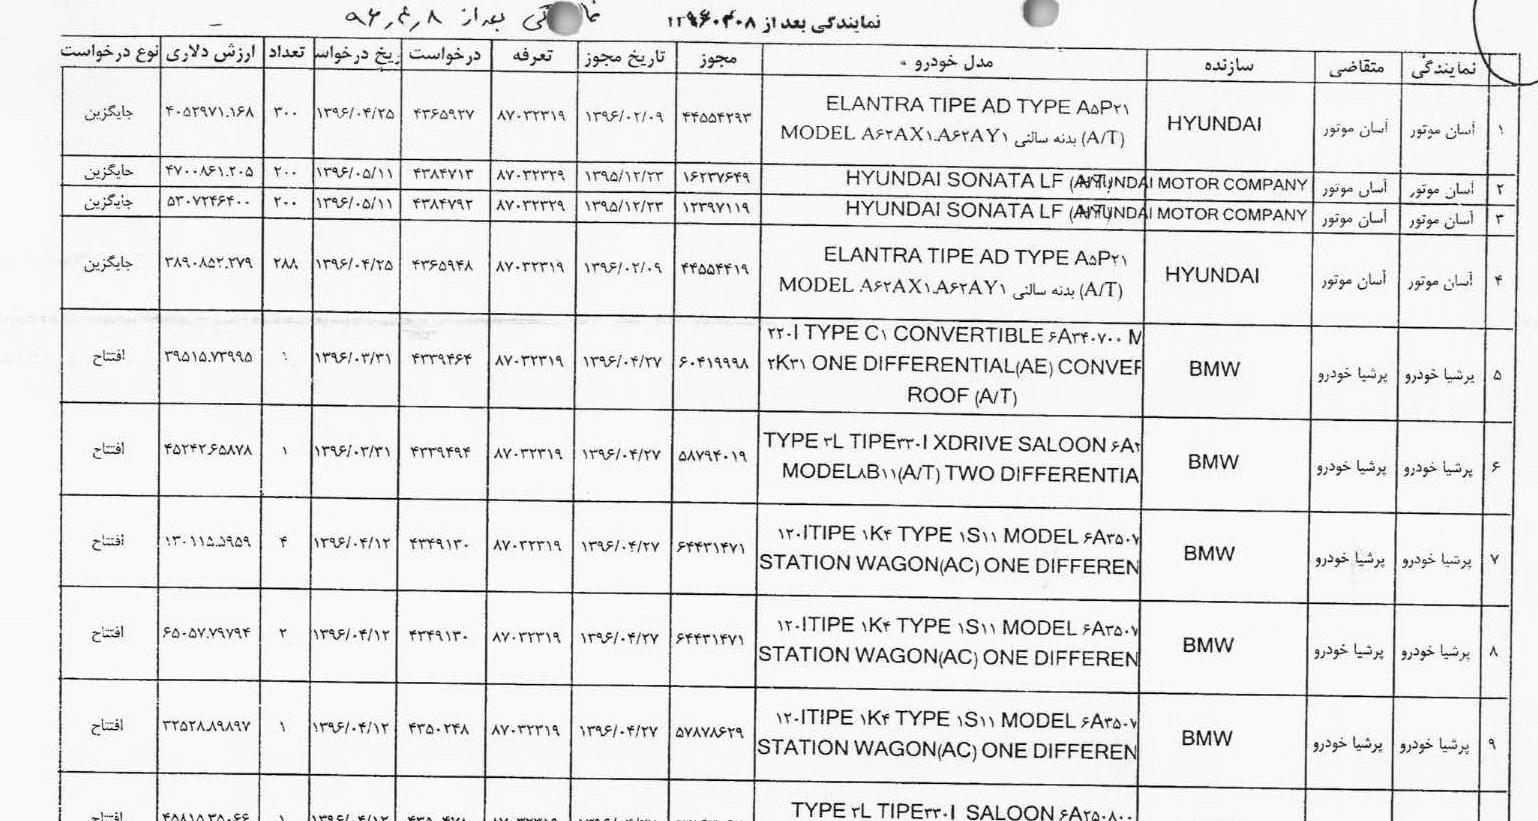 فهرست شرکتها و اشخاص متخلف در واردات خودرو منتشر شد + لیست